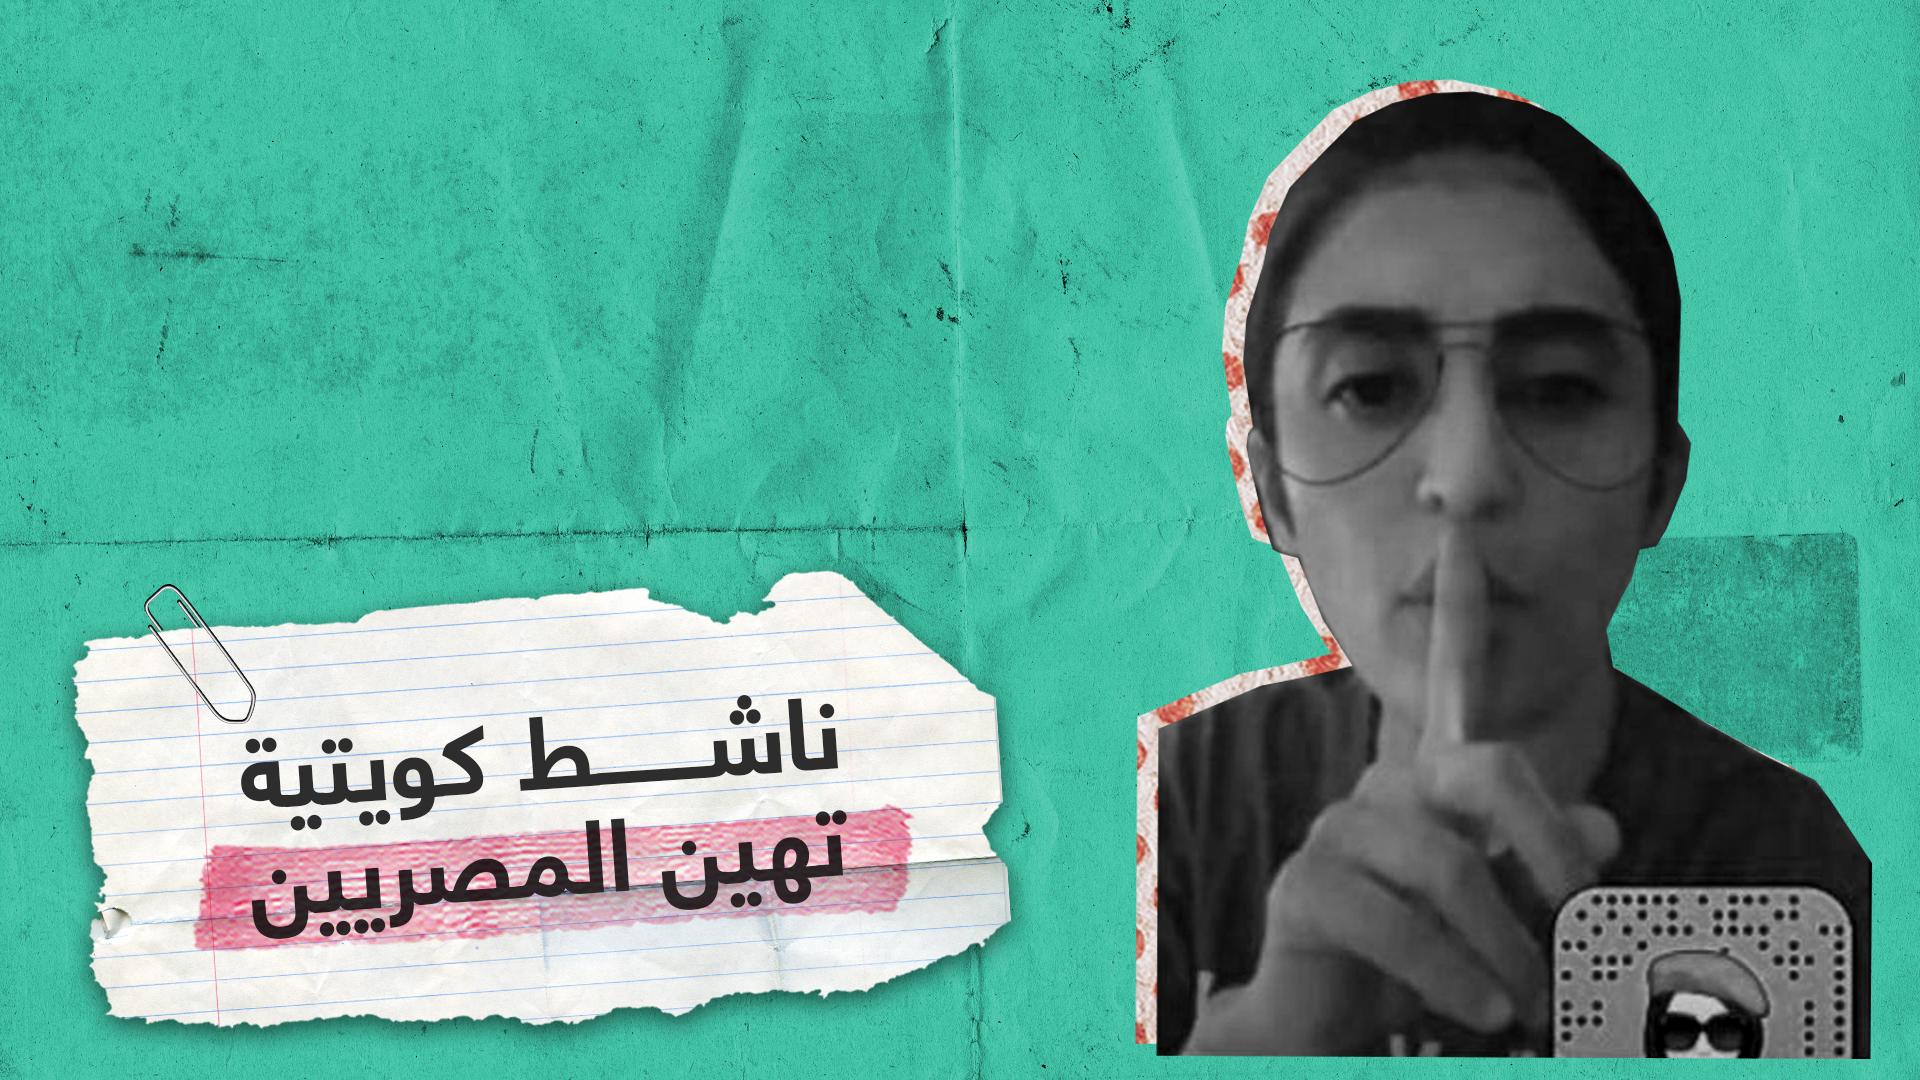 الناشطة الكويتية ريم الشمري تثير جدلا بفيديو تهاجم فيه المصريين العاملين في الكويت